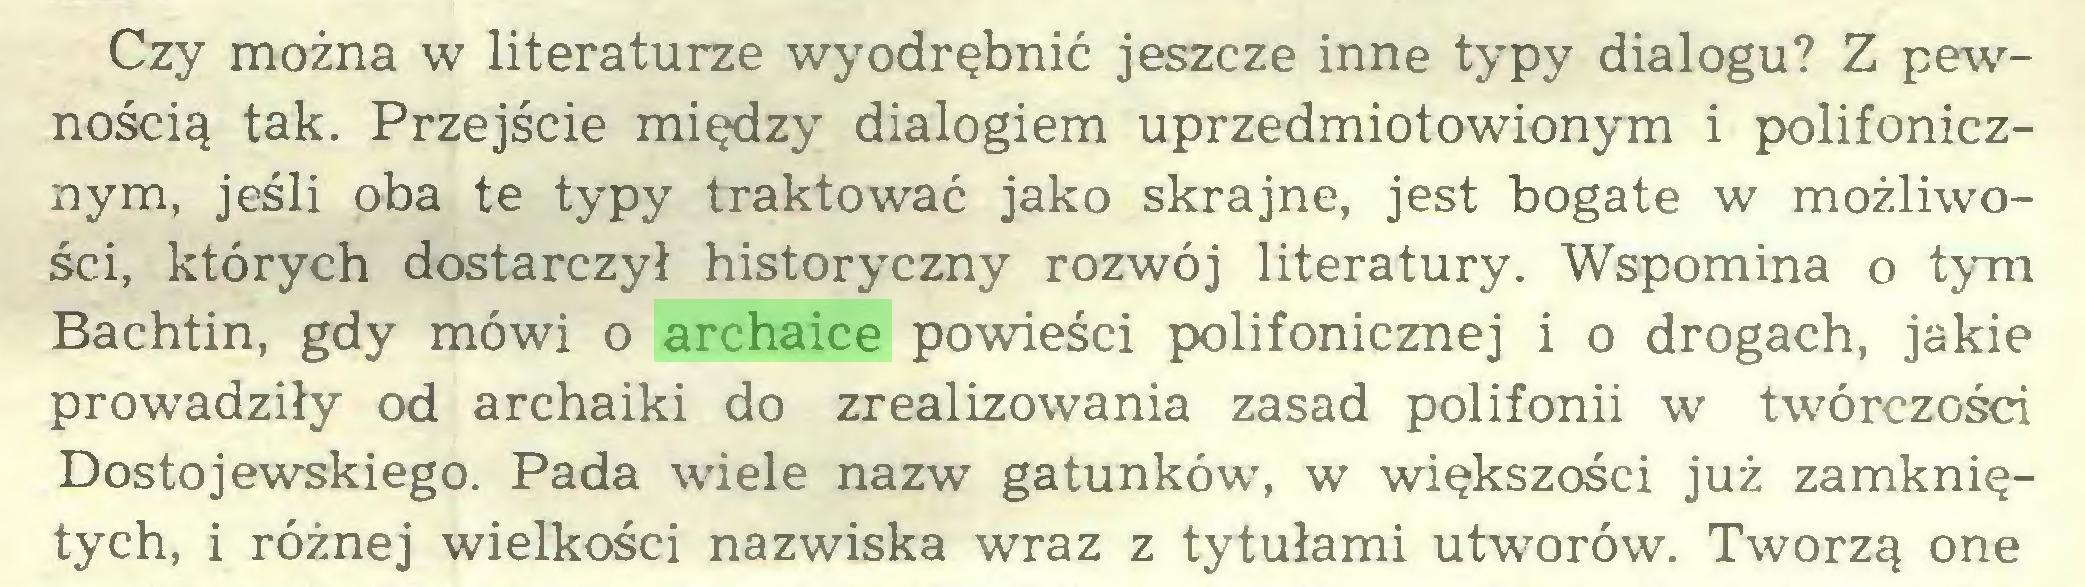 (...) Czy można w literaturze wyodrębnić jeszcze inne typy dialogu? Z pewnością tak. Przejście między dialogiem uprzedmiotowionym i polifonicznym, jeśli oba te typy traktować jako skrajne, jest bogate w możliwości, których dostarczył historyczny rozwój literatury. Wspomina o tym Bachtin, gdy mówi o archaice powieści polifonicznej i o drogach, jakie prowadziły od archaiki do zrealizowania zasad polifonii w twórczości Dostojewskiego. Pada wiele nazw gatunków, w większości już zamkniętych, i różnej wielkości nazwiska wraz z tytułami utworów. Tworzą one...